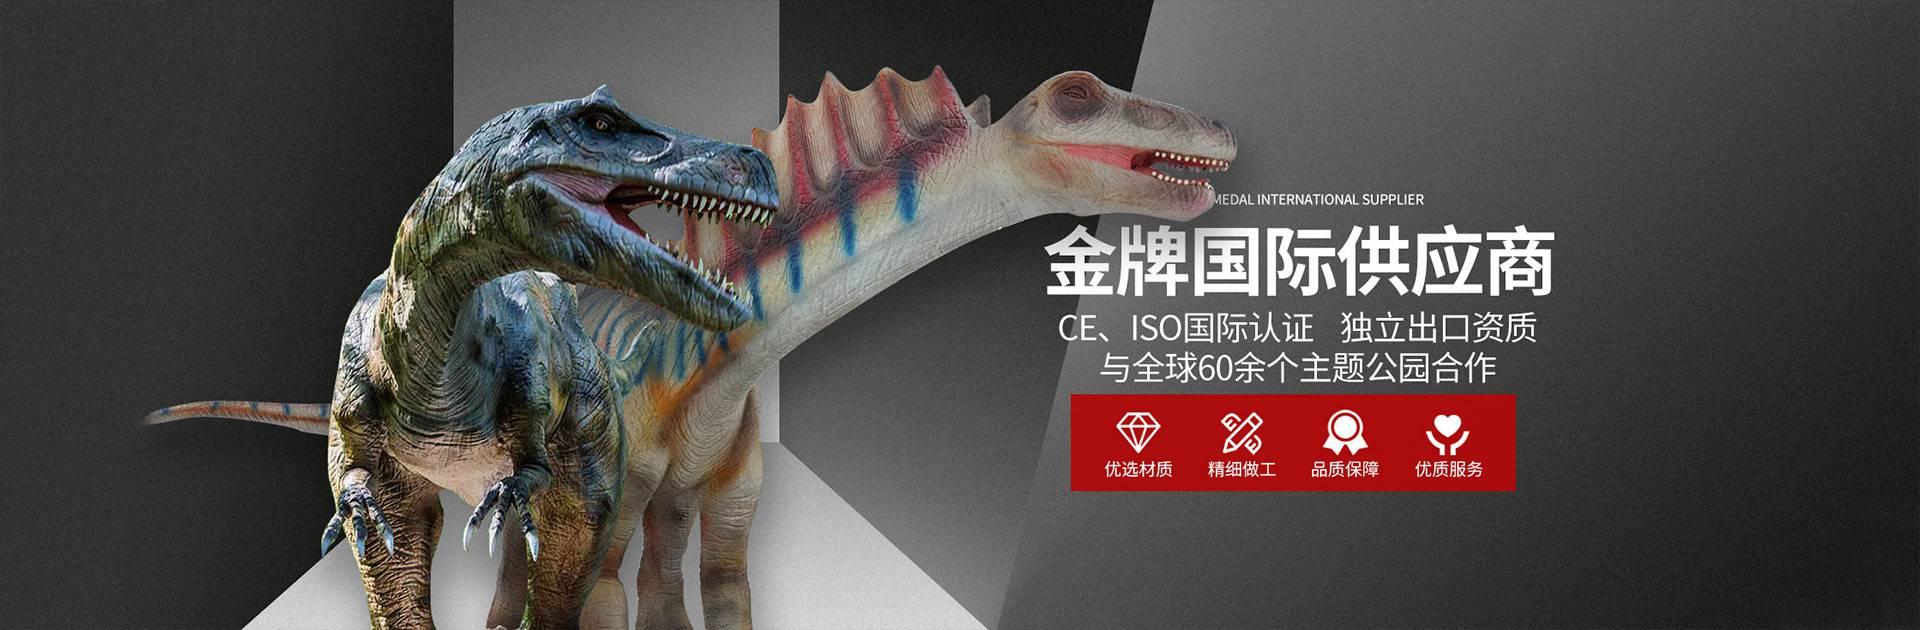 仿真恐龙供应商